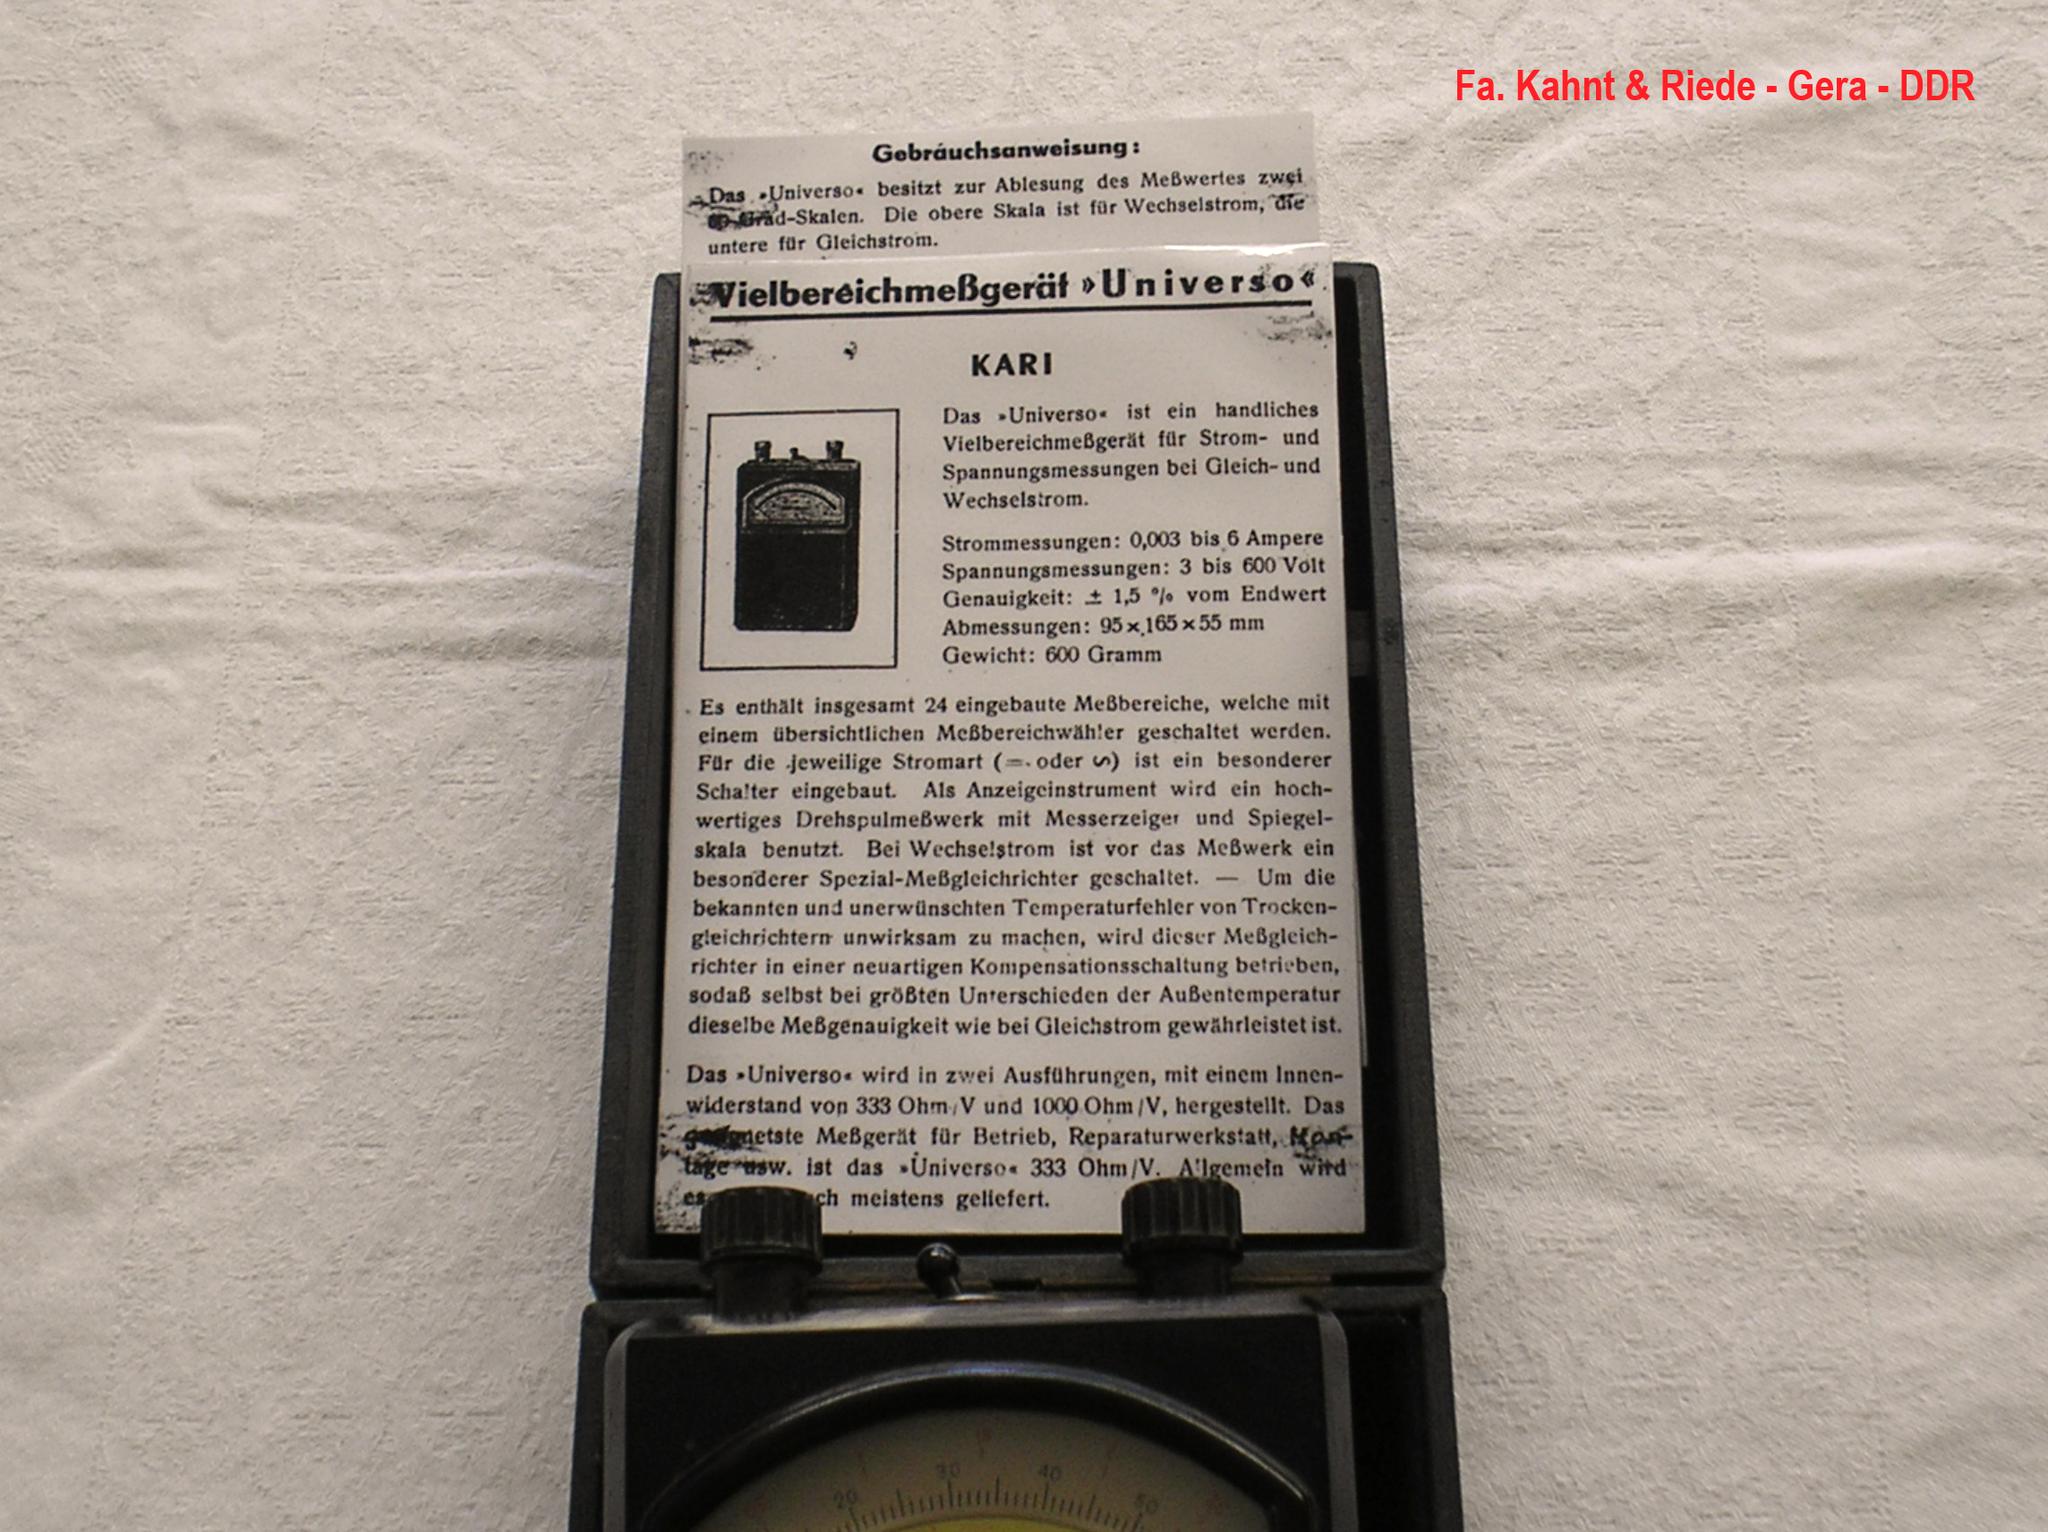 Bild 472-1 - Kahnt & Riede Gera - DDR - Multimeter 1 000 Ohm / Volt - Fertigungsjahr  1949